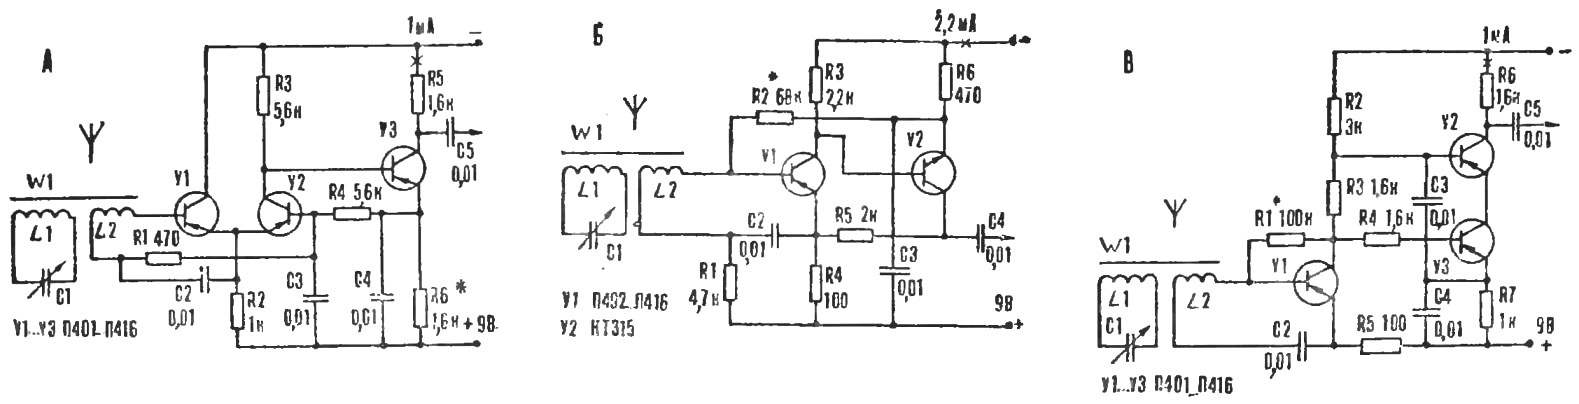 Рис. 8. Варианты (А—Д) схемы усилителя высокой частоты.